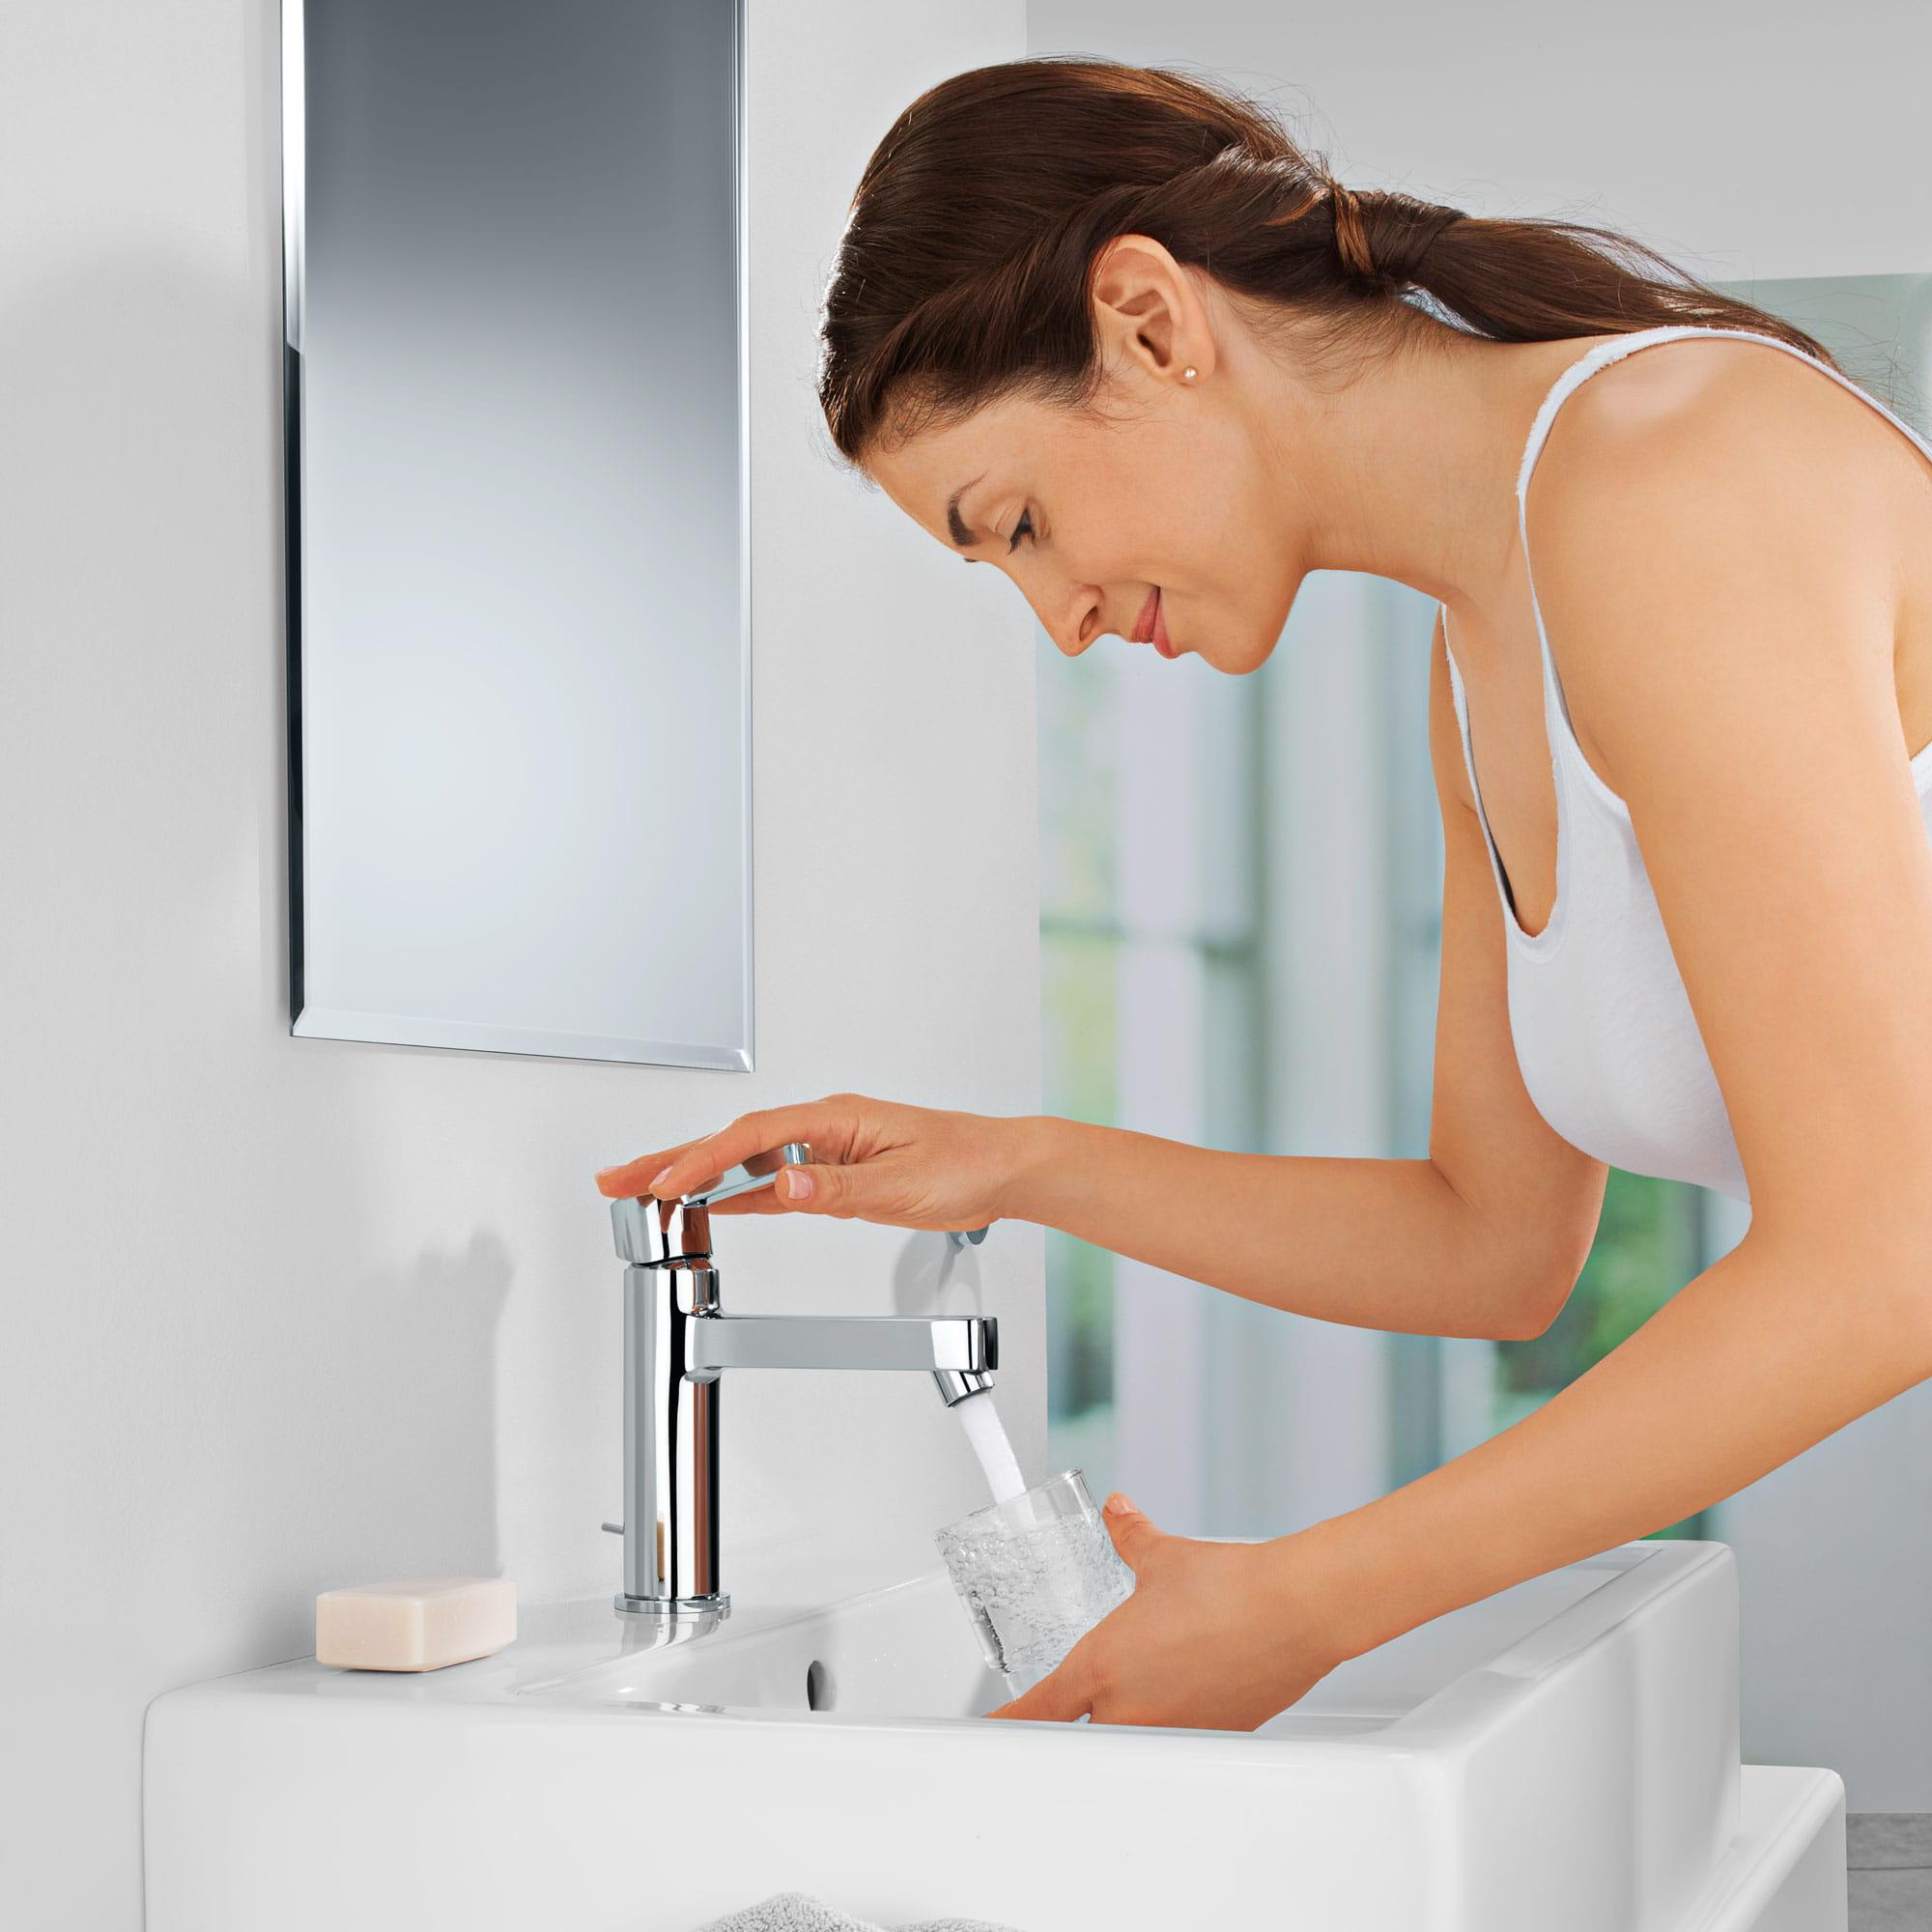 Une femme remplissant un verre sous un robinet grohe.